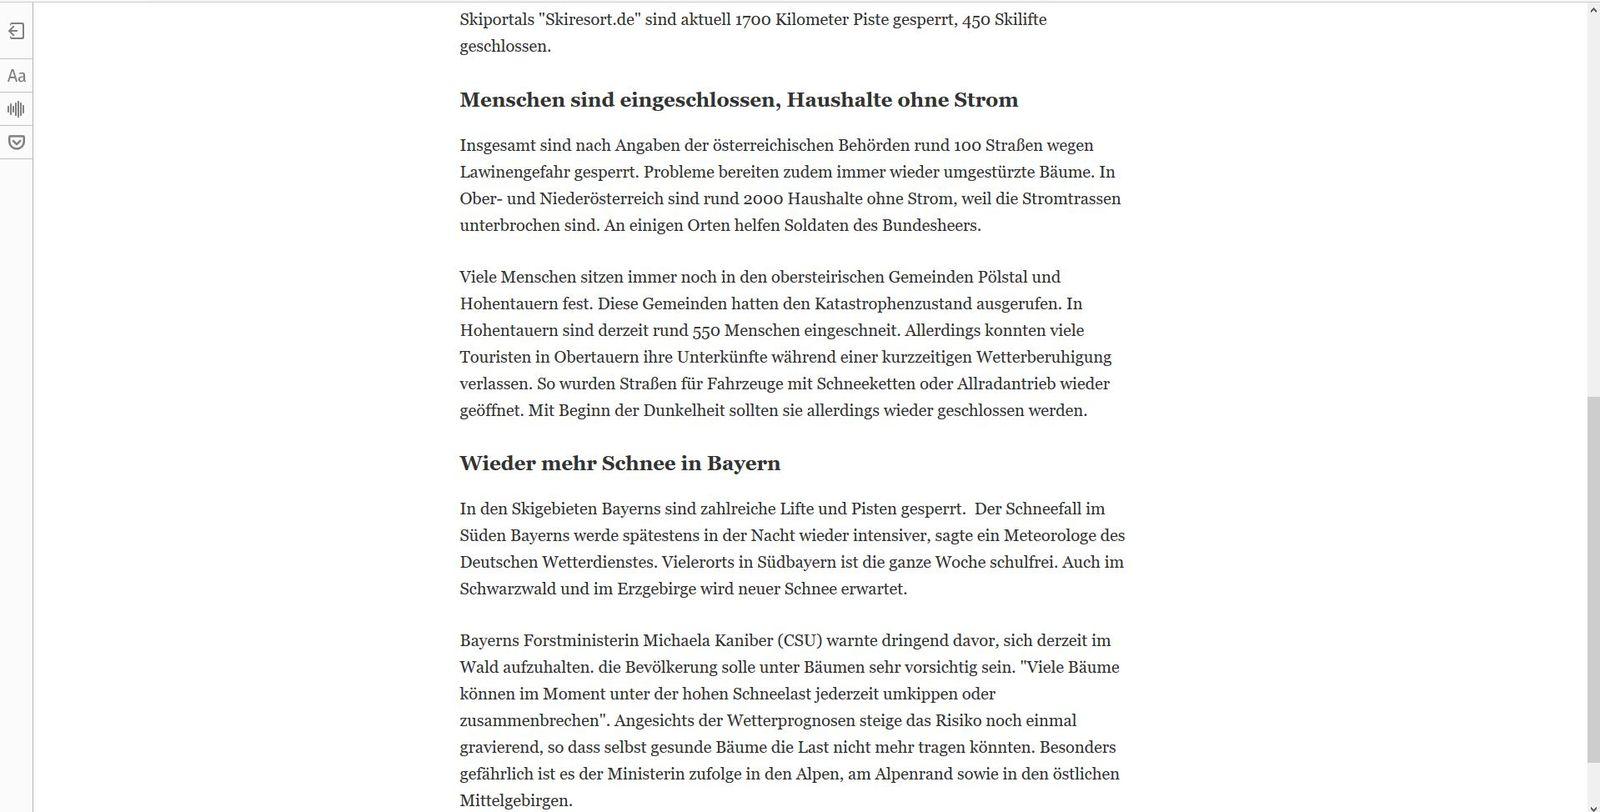 Firefox Leseansicht aktiviert: Schneewarnstufe Rot in Österreich - Tagesschau.de (2)